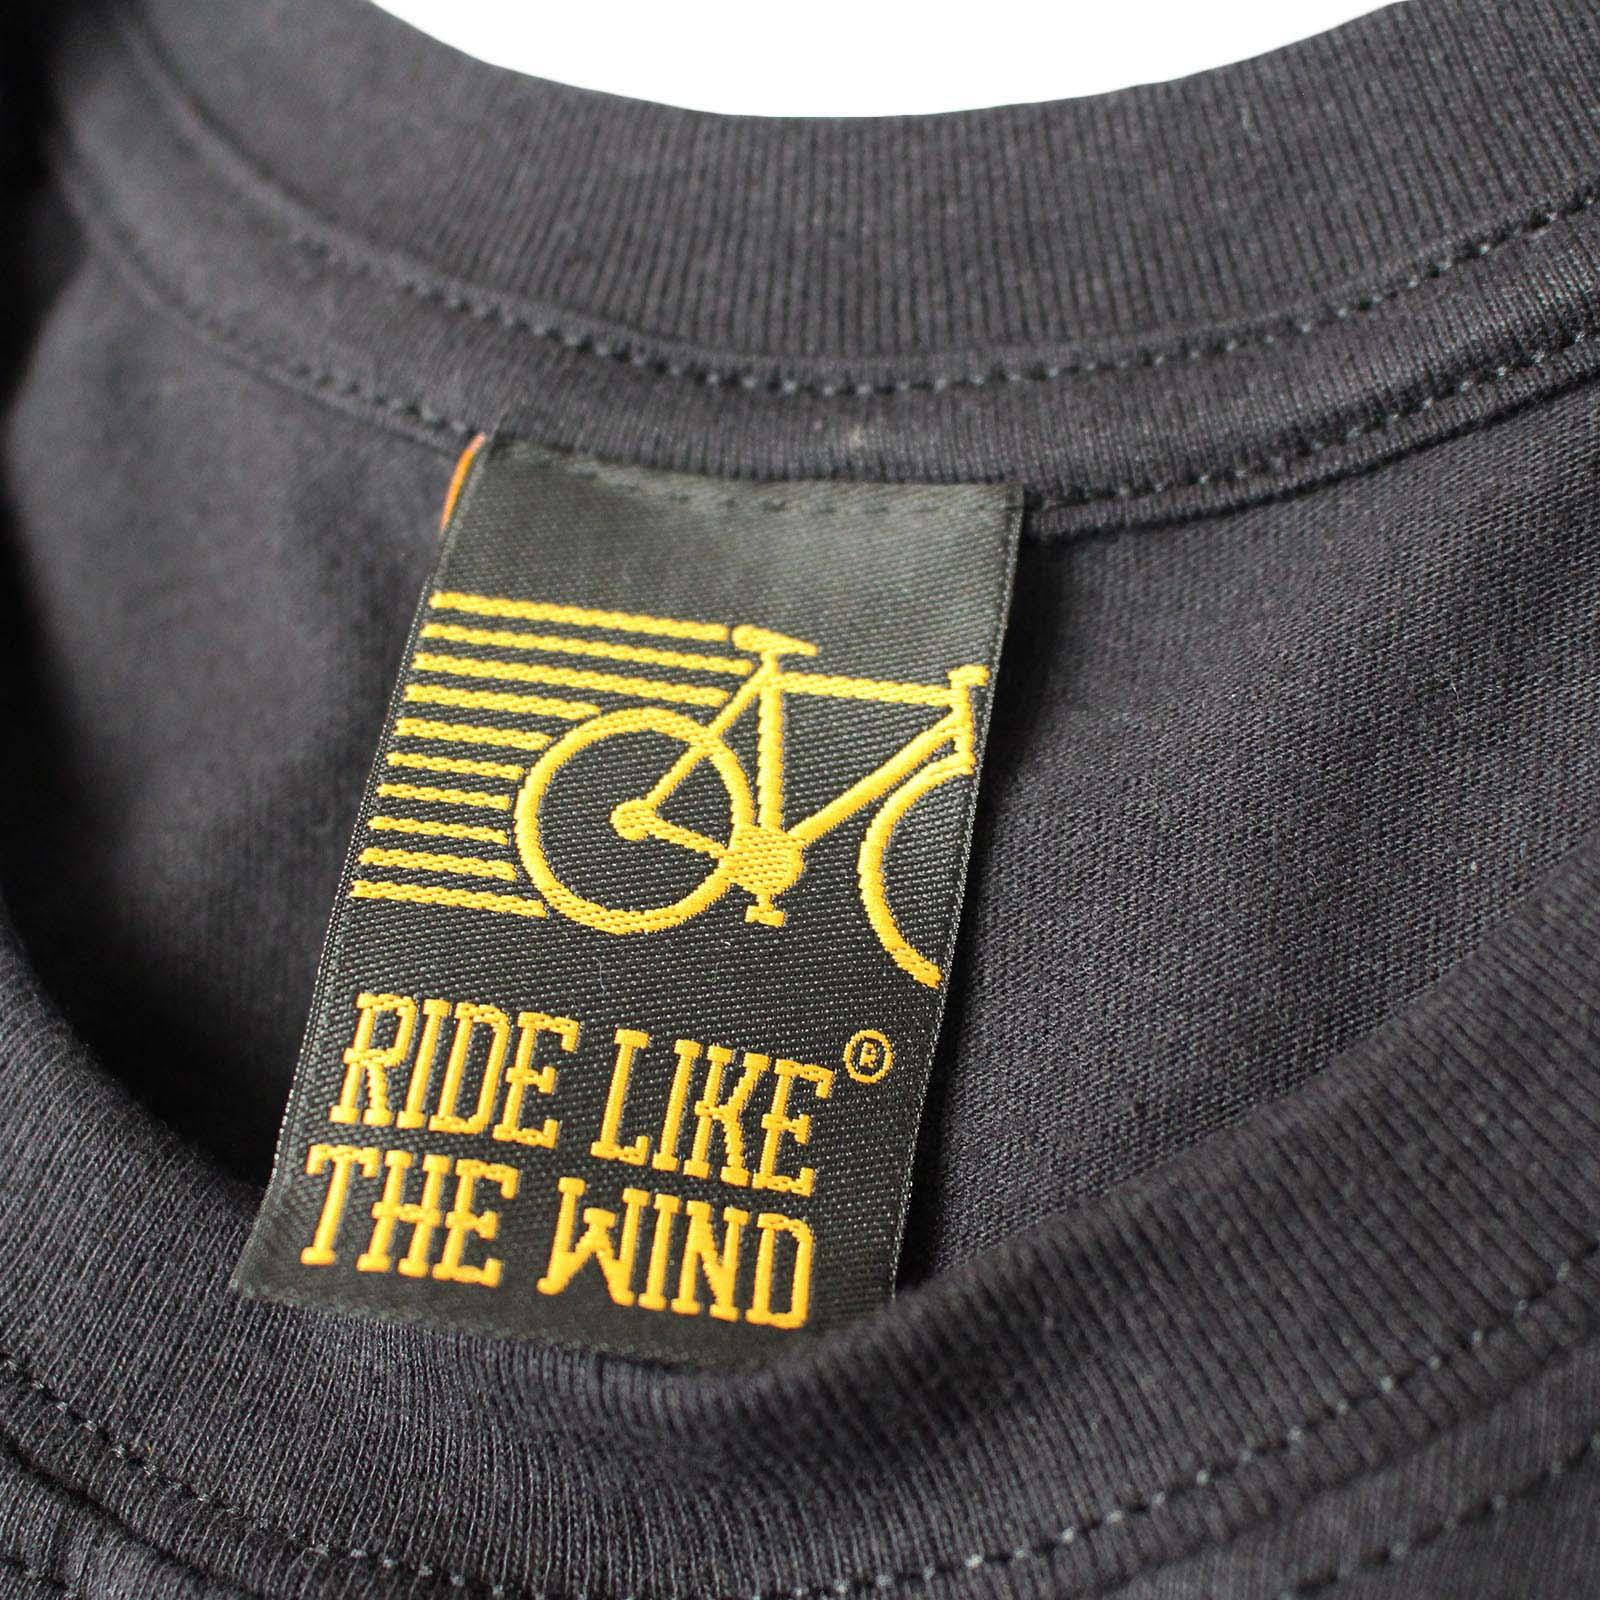 Cycling-T-Shirt-Funny-Novelty-Mens-tee-TShirt-Bikesexual thumbnail 4